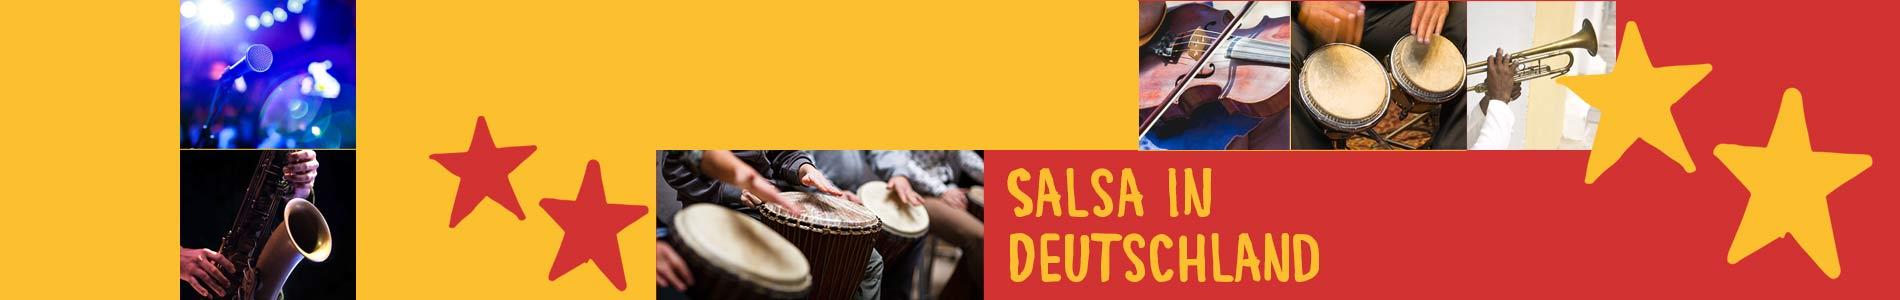 Salsa in Breidenbach – Salsa lernen und tanzen, Tanzkurse, Partys, Veranstaltungen